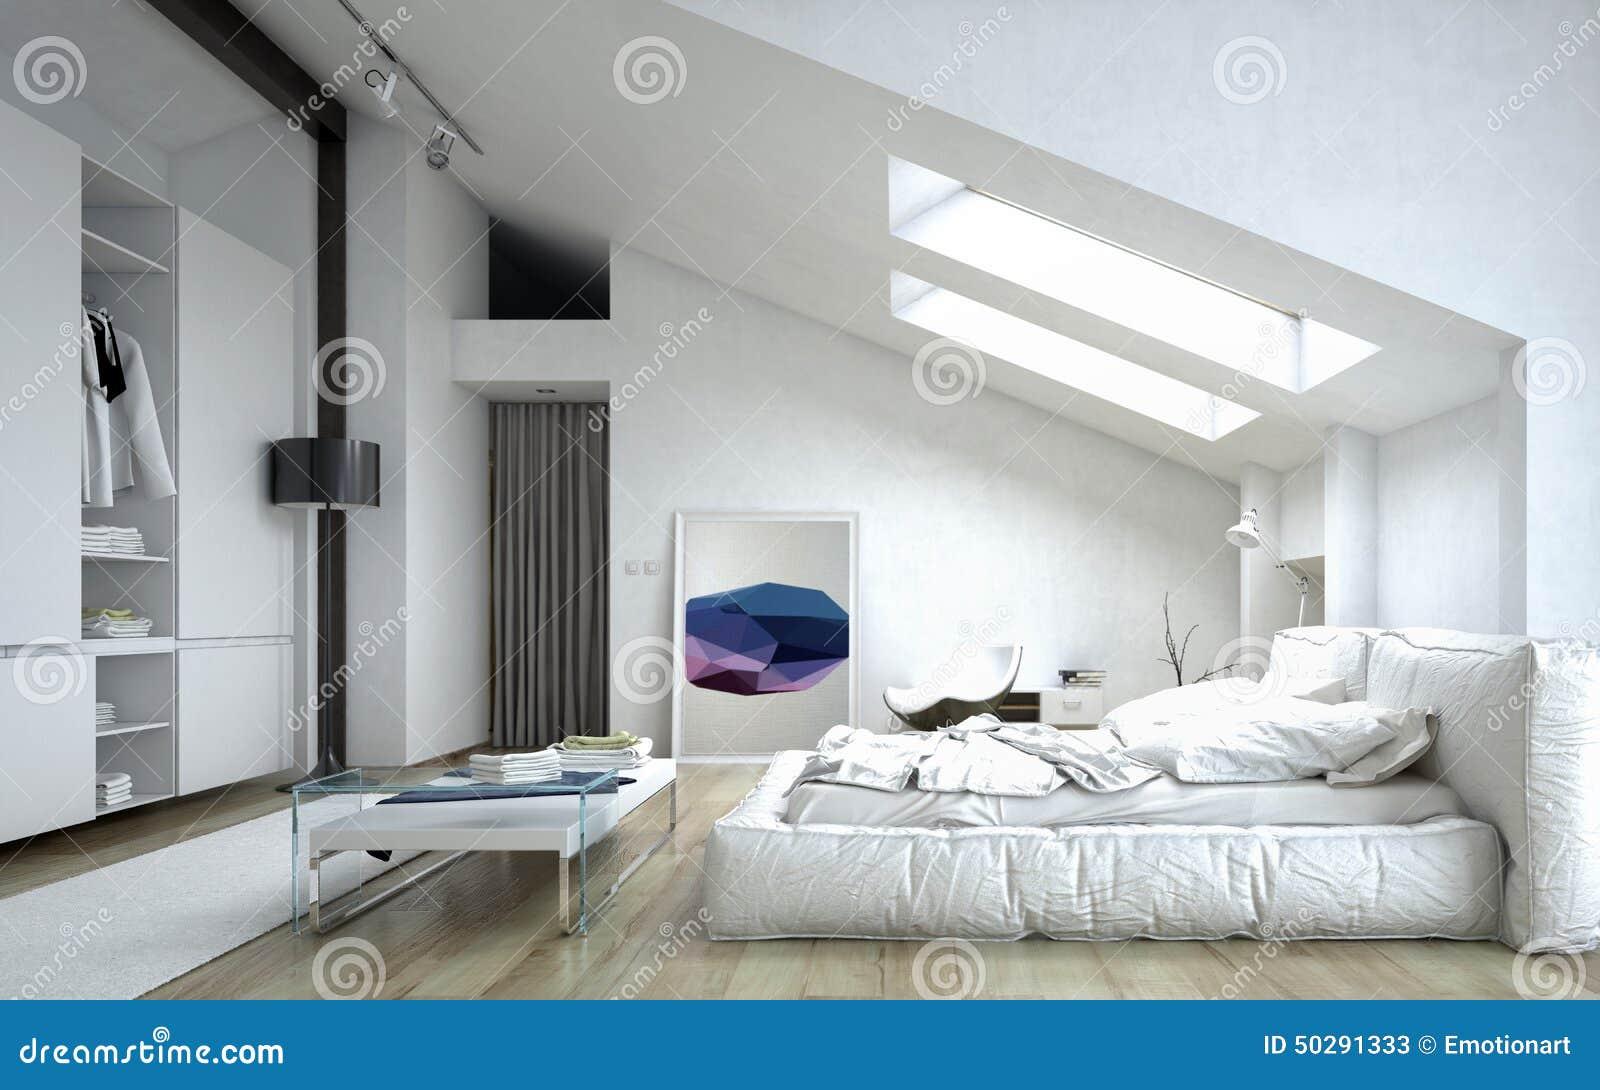 Chambre coucher architecturale l 39 int rieur de la for Interieur de chambre moderne